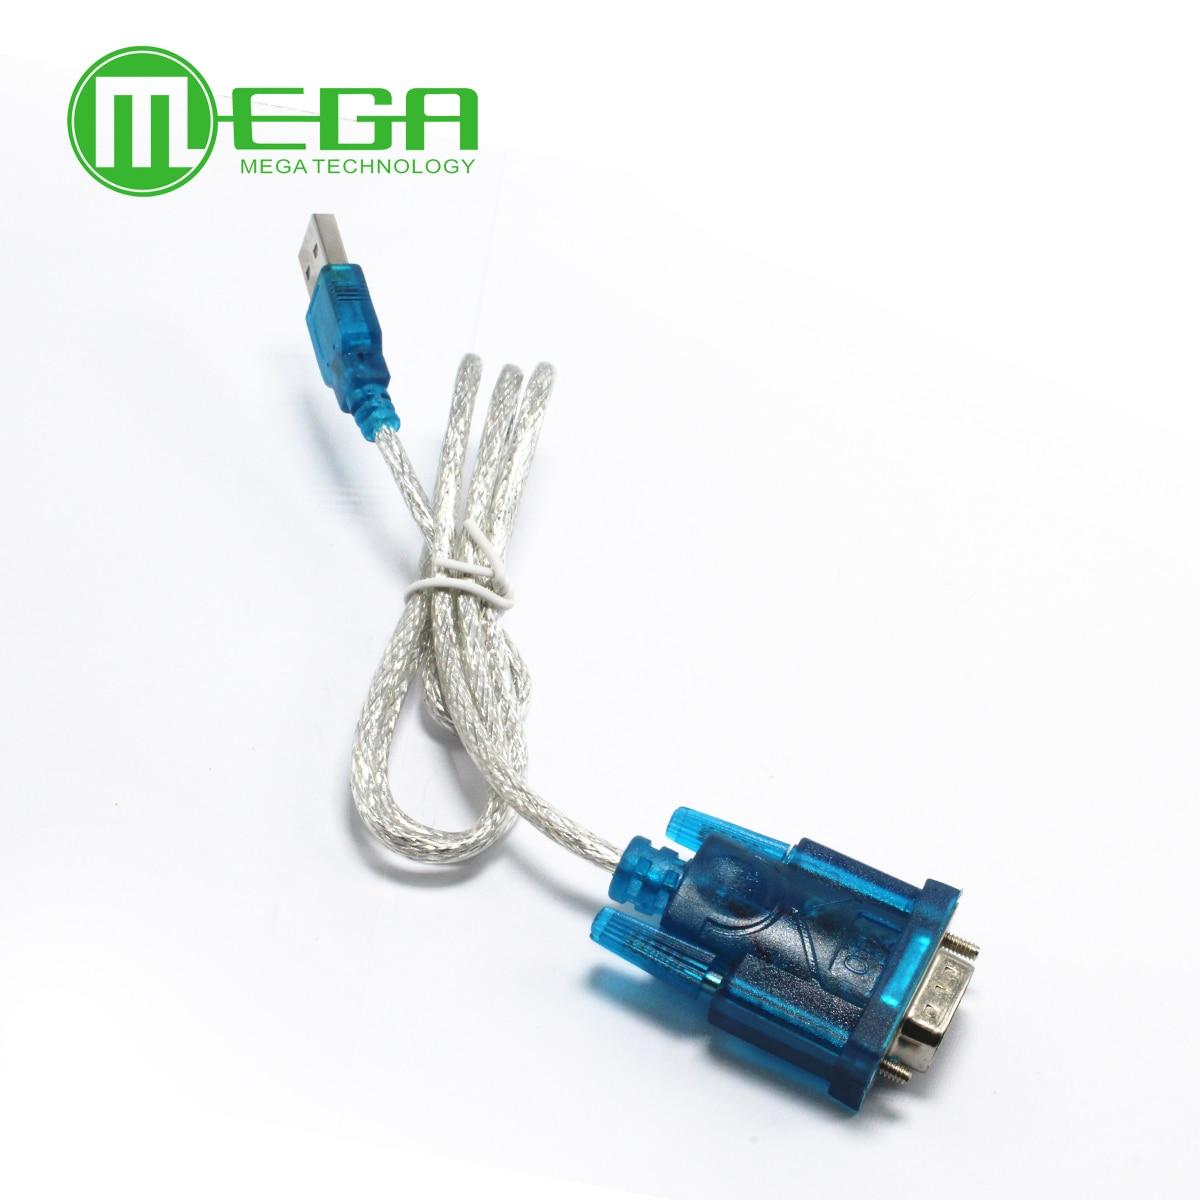 A403 10 stücke USB-RS 232-HL-340 Neue USB Usb-rs232-com-serien PDA 9 pin Db9-kabel-adapter...